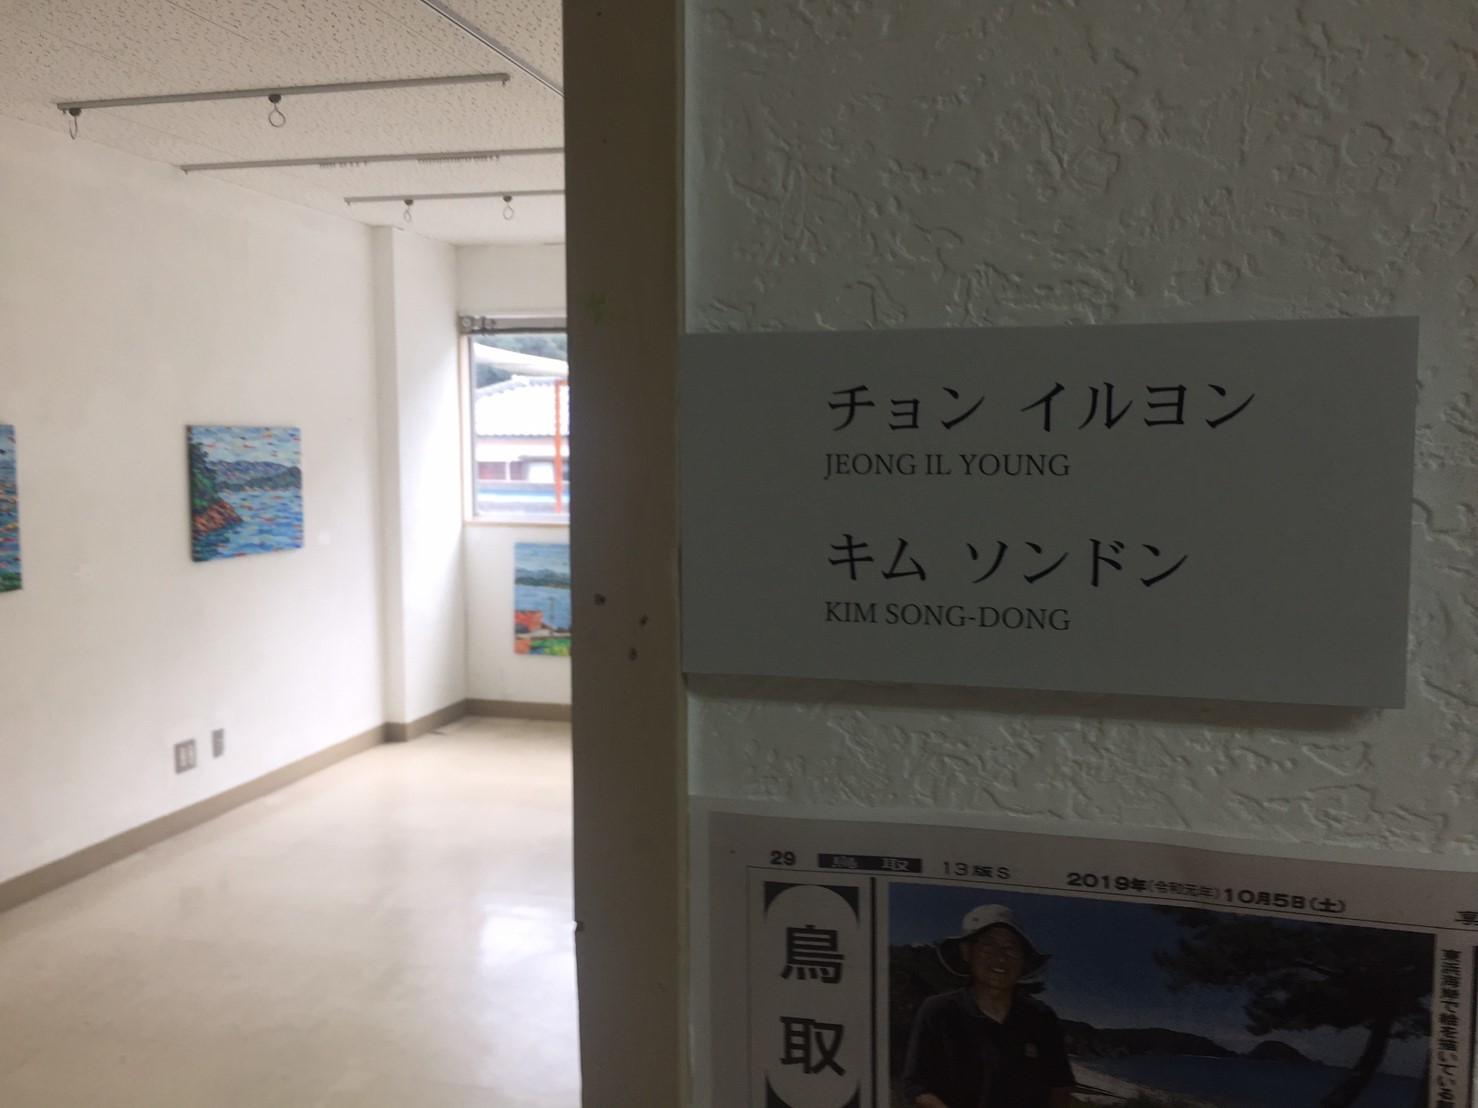 岩美現代美術展 2019_e0115904_01170055.jpg